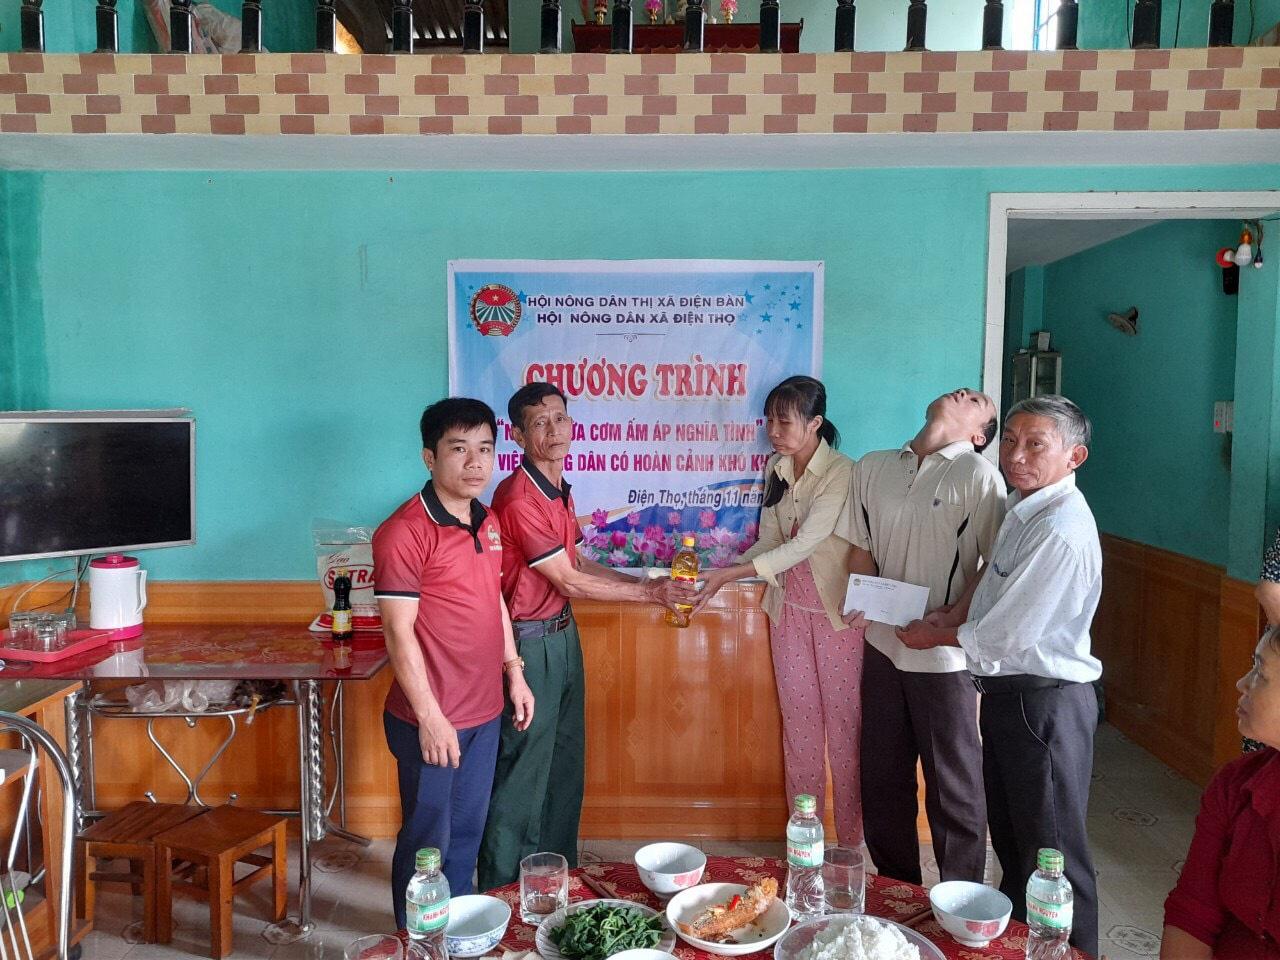 Quảng Nam: Hội Nông dân thị xã Điện Bàn đã làm gì mà dẫn đầu toàn tỉnh  - Ảnh 5.